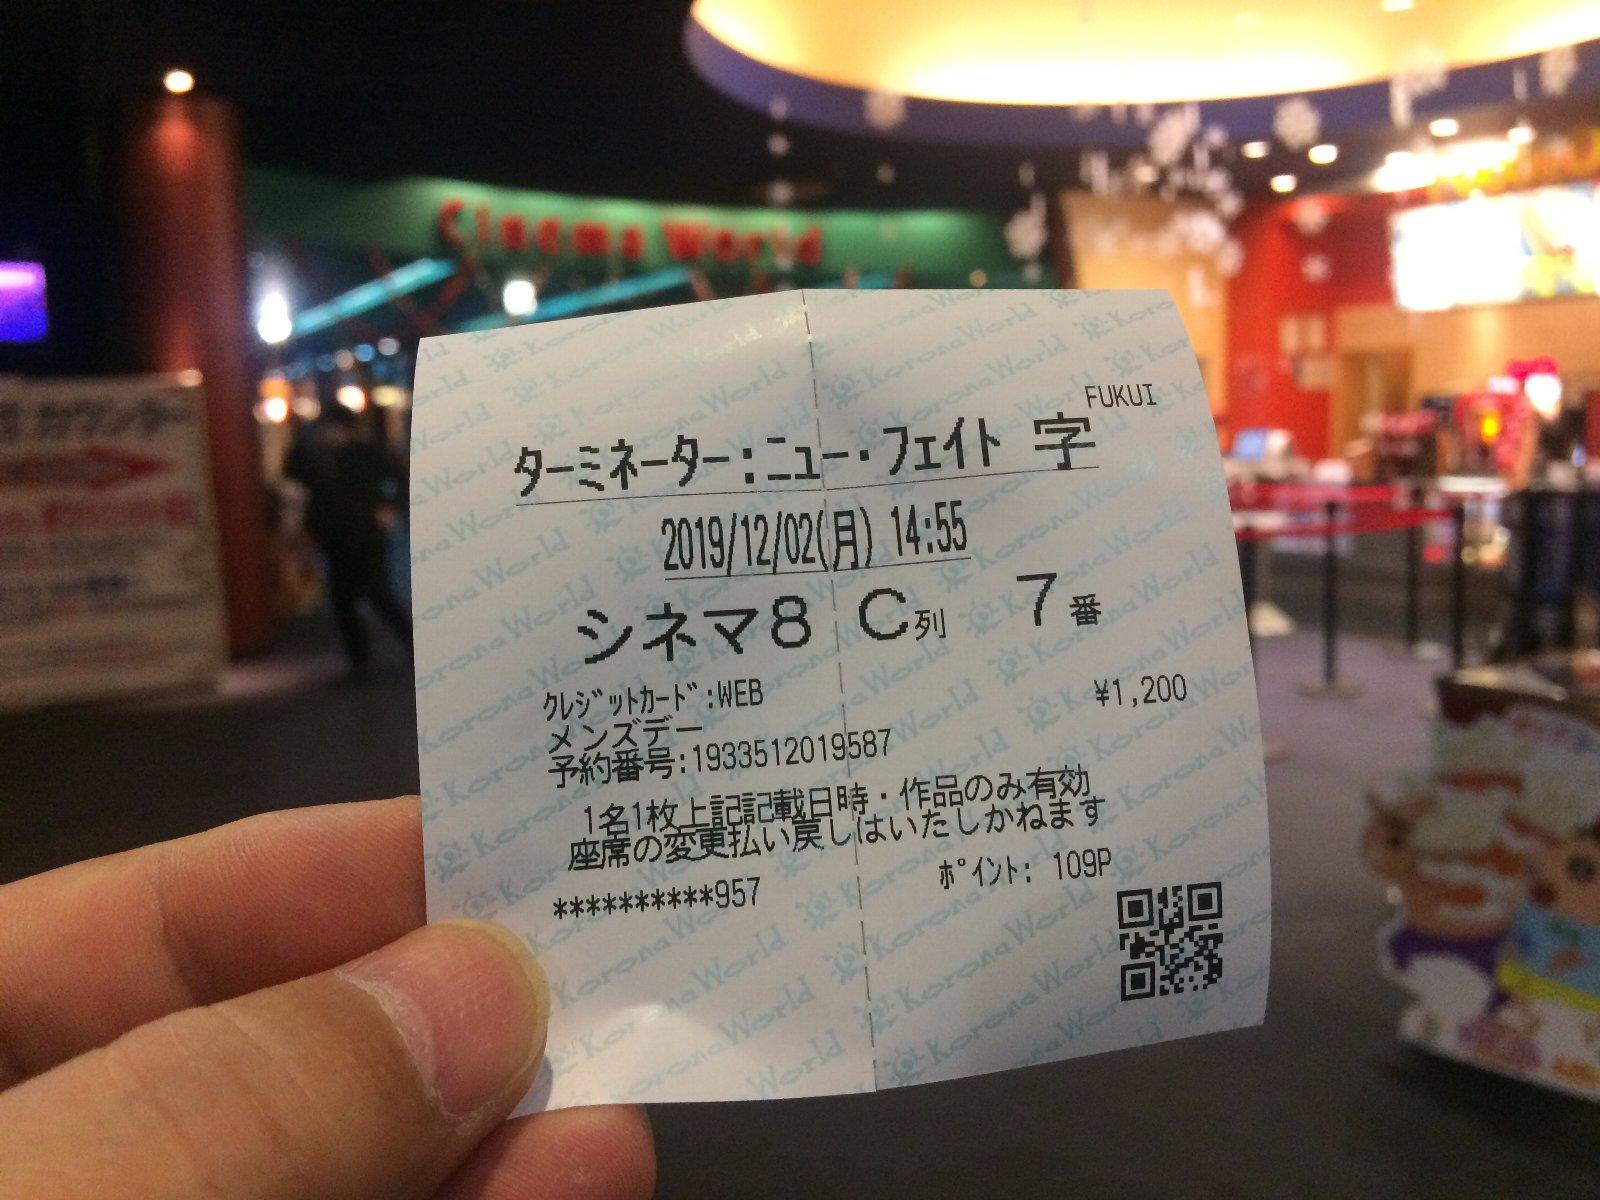 20191202 『ターミネーターNF』チケット